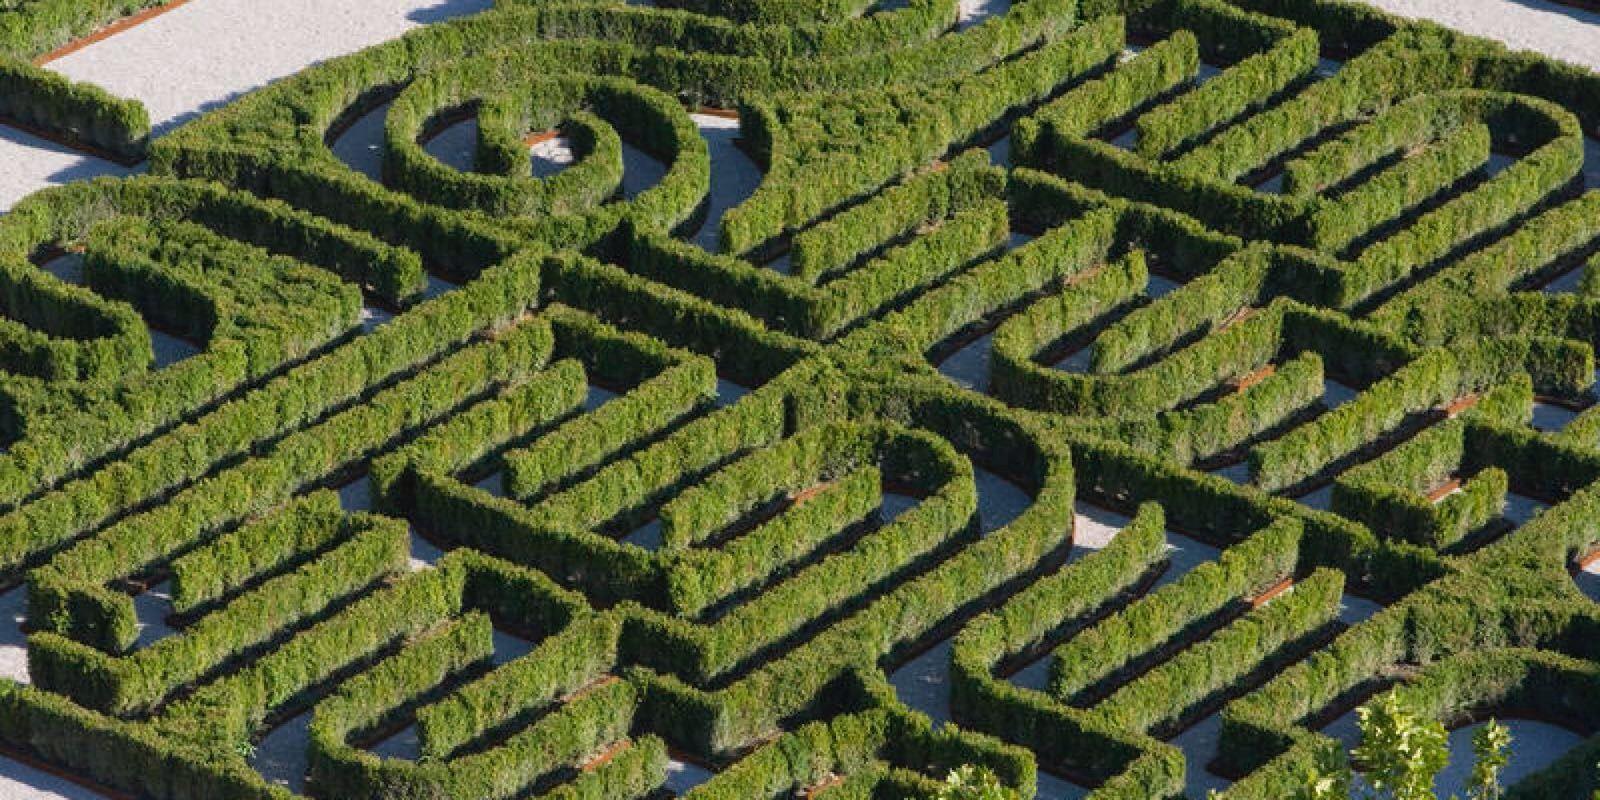 Randoll Coate Labirinto Borges Nell Isola Di San Giorgio